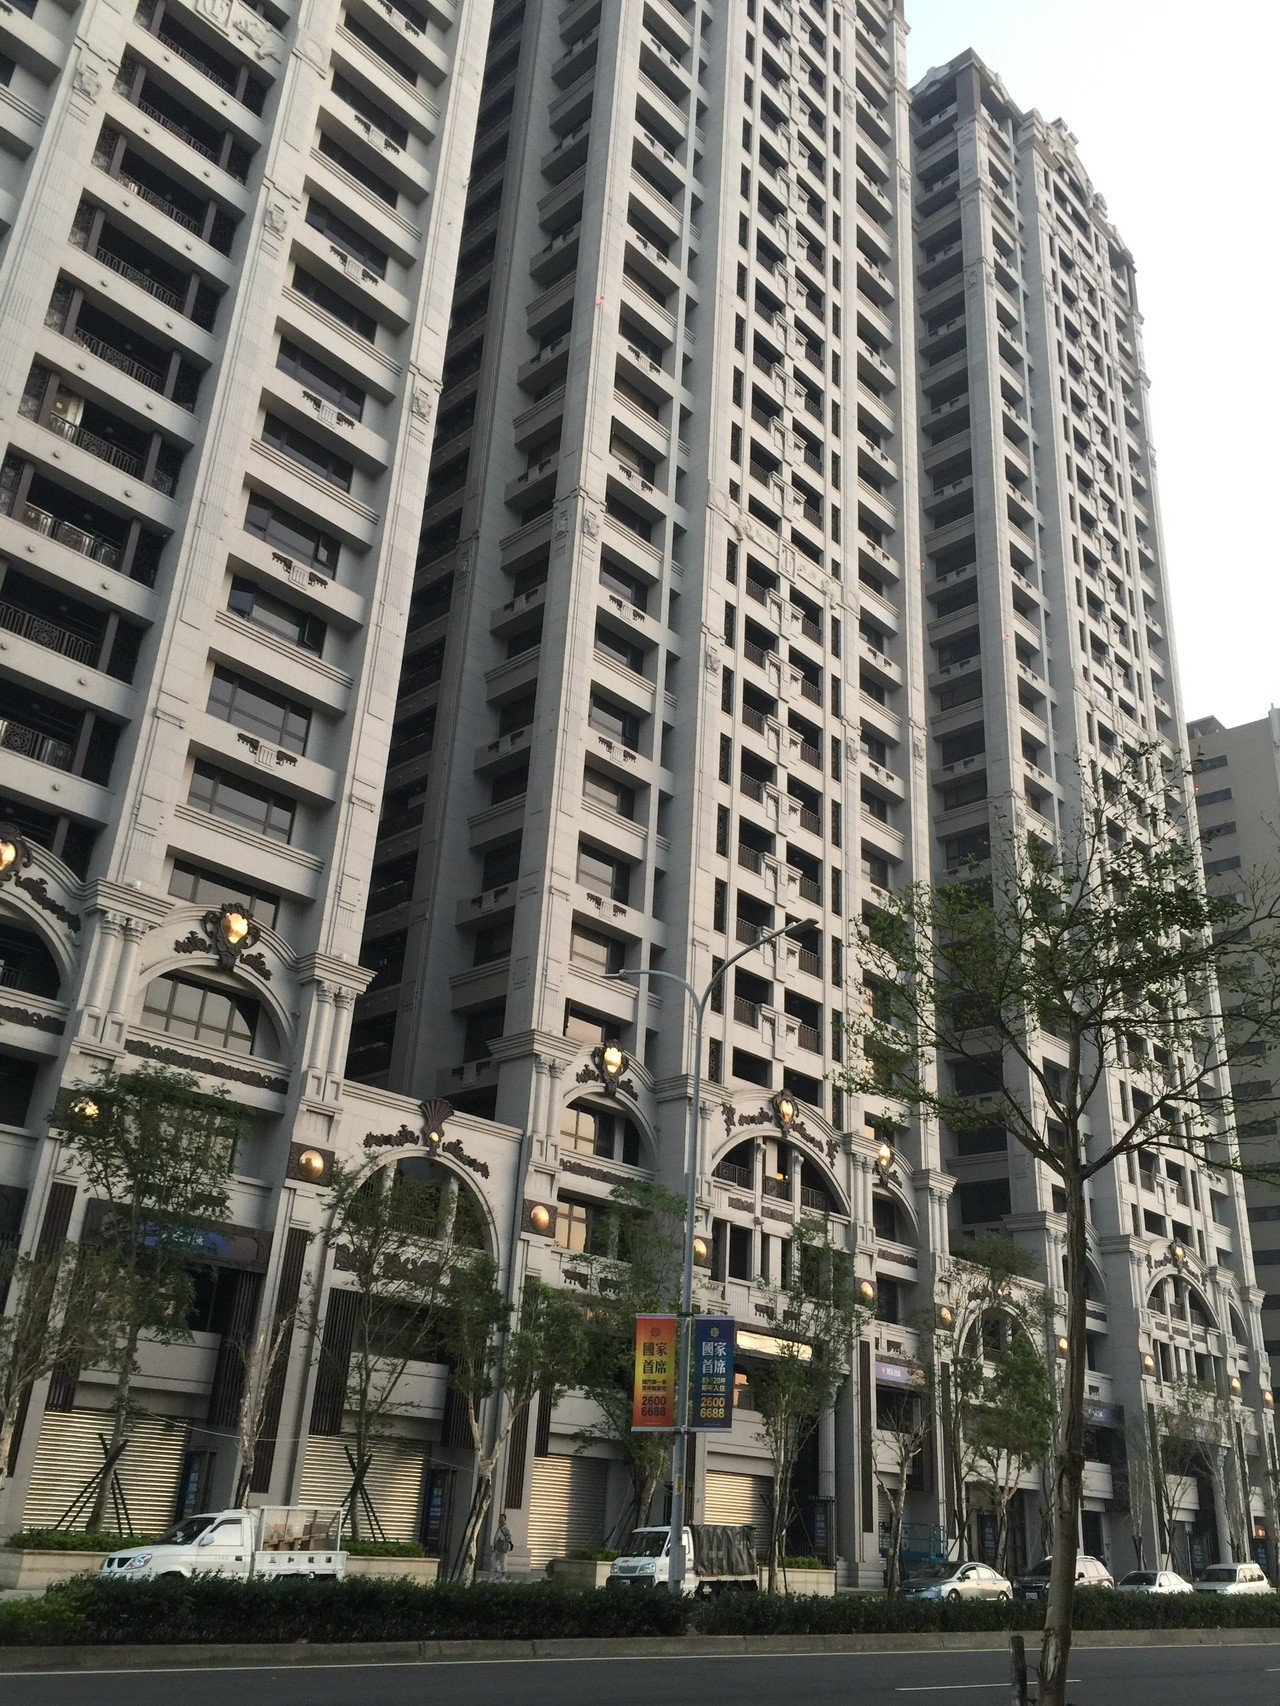 林口「國家首席」3樓一戶遭法拍,5月8日即將第四次法拍,底價降至2,203萬元,...